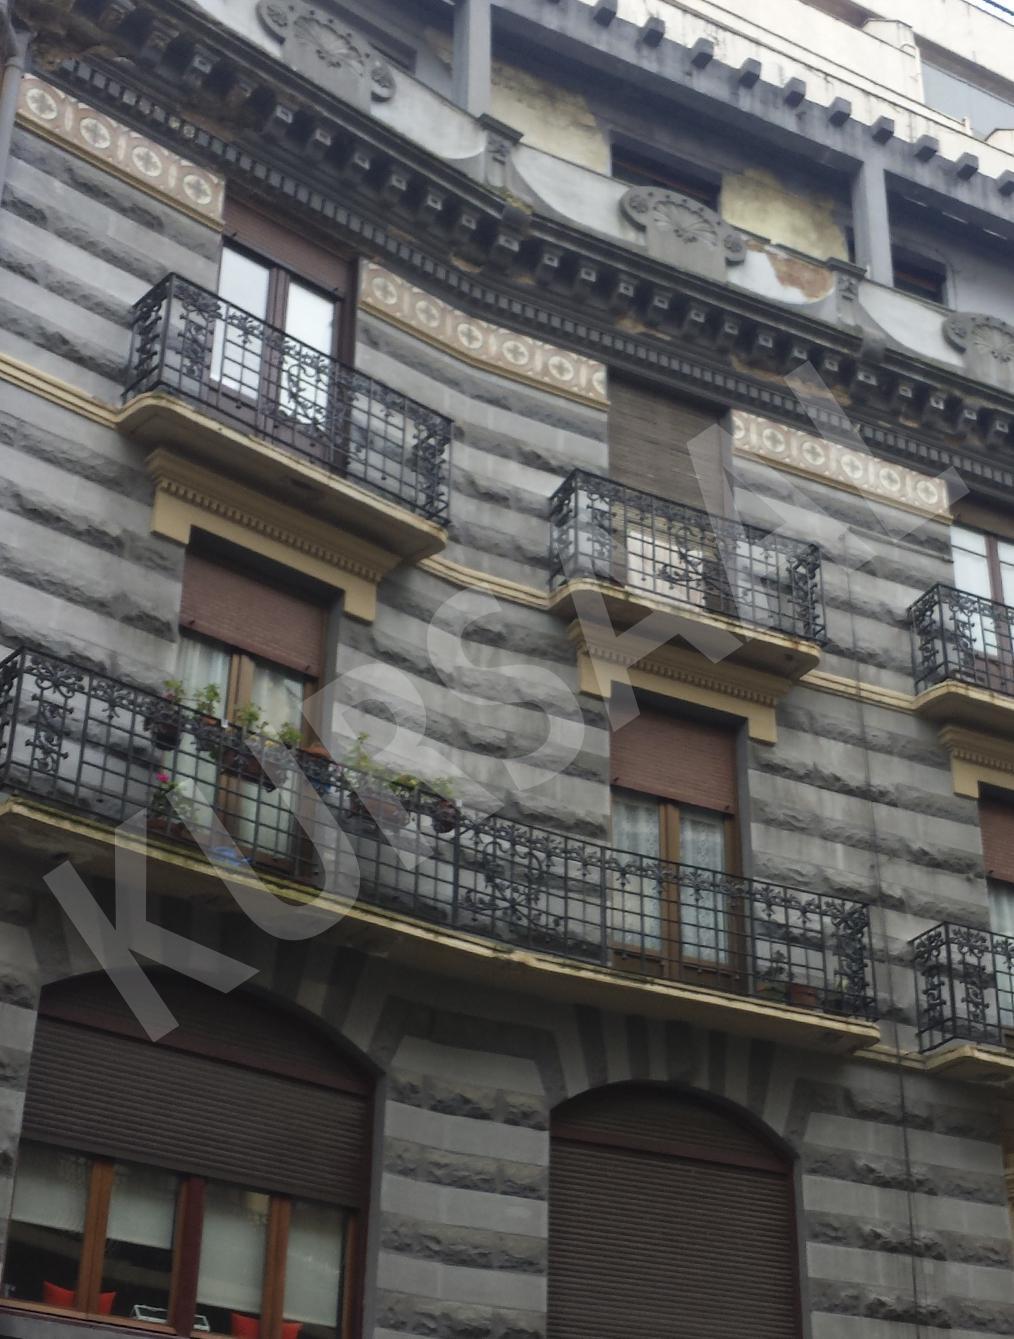 foto 9 - Restauración y patrimonio-San Bartolomé 27-DONOSTIA, GIPUZKOA